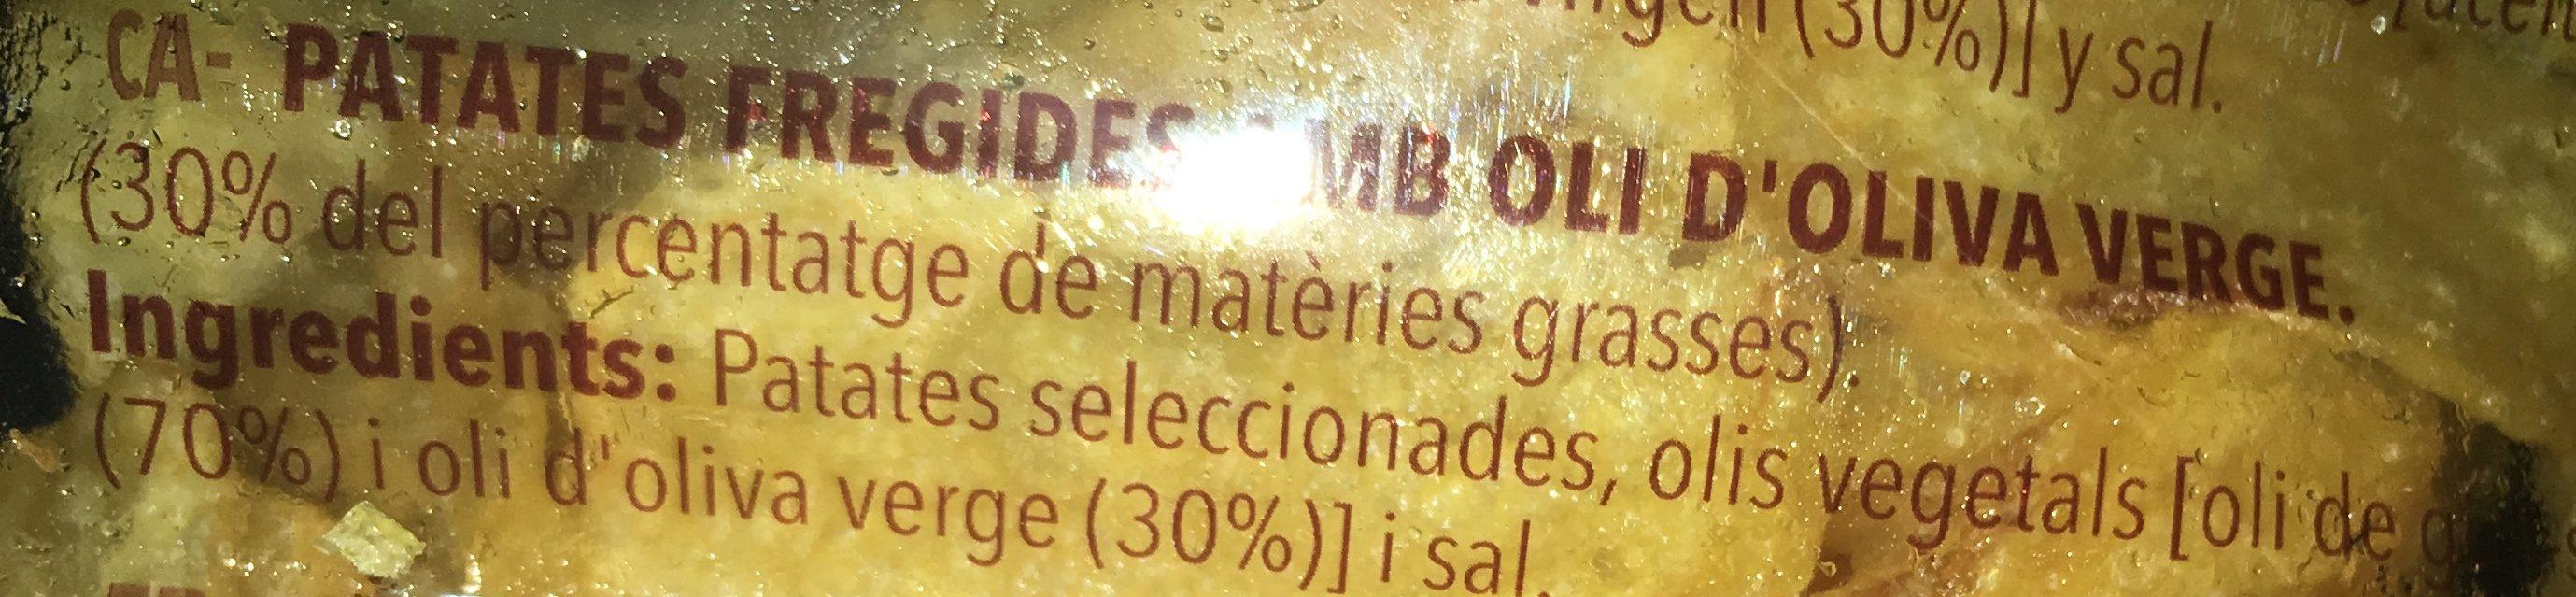 Patatas Fritas Caseras Frit Ravich 270G - Ingrédients - fr